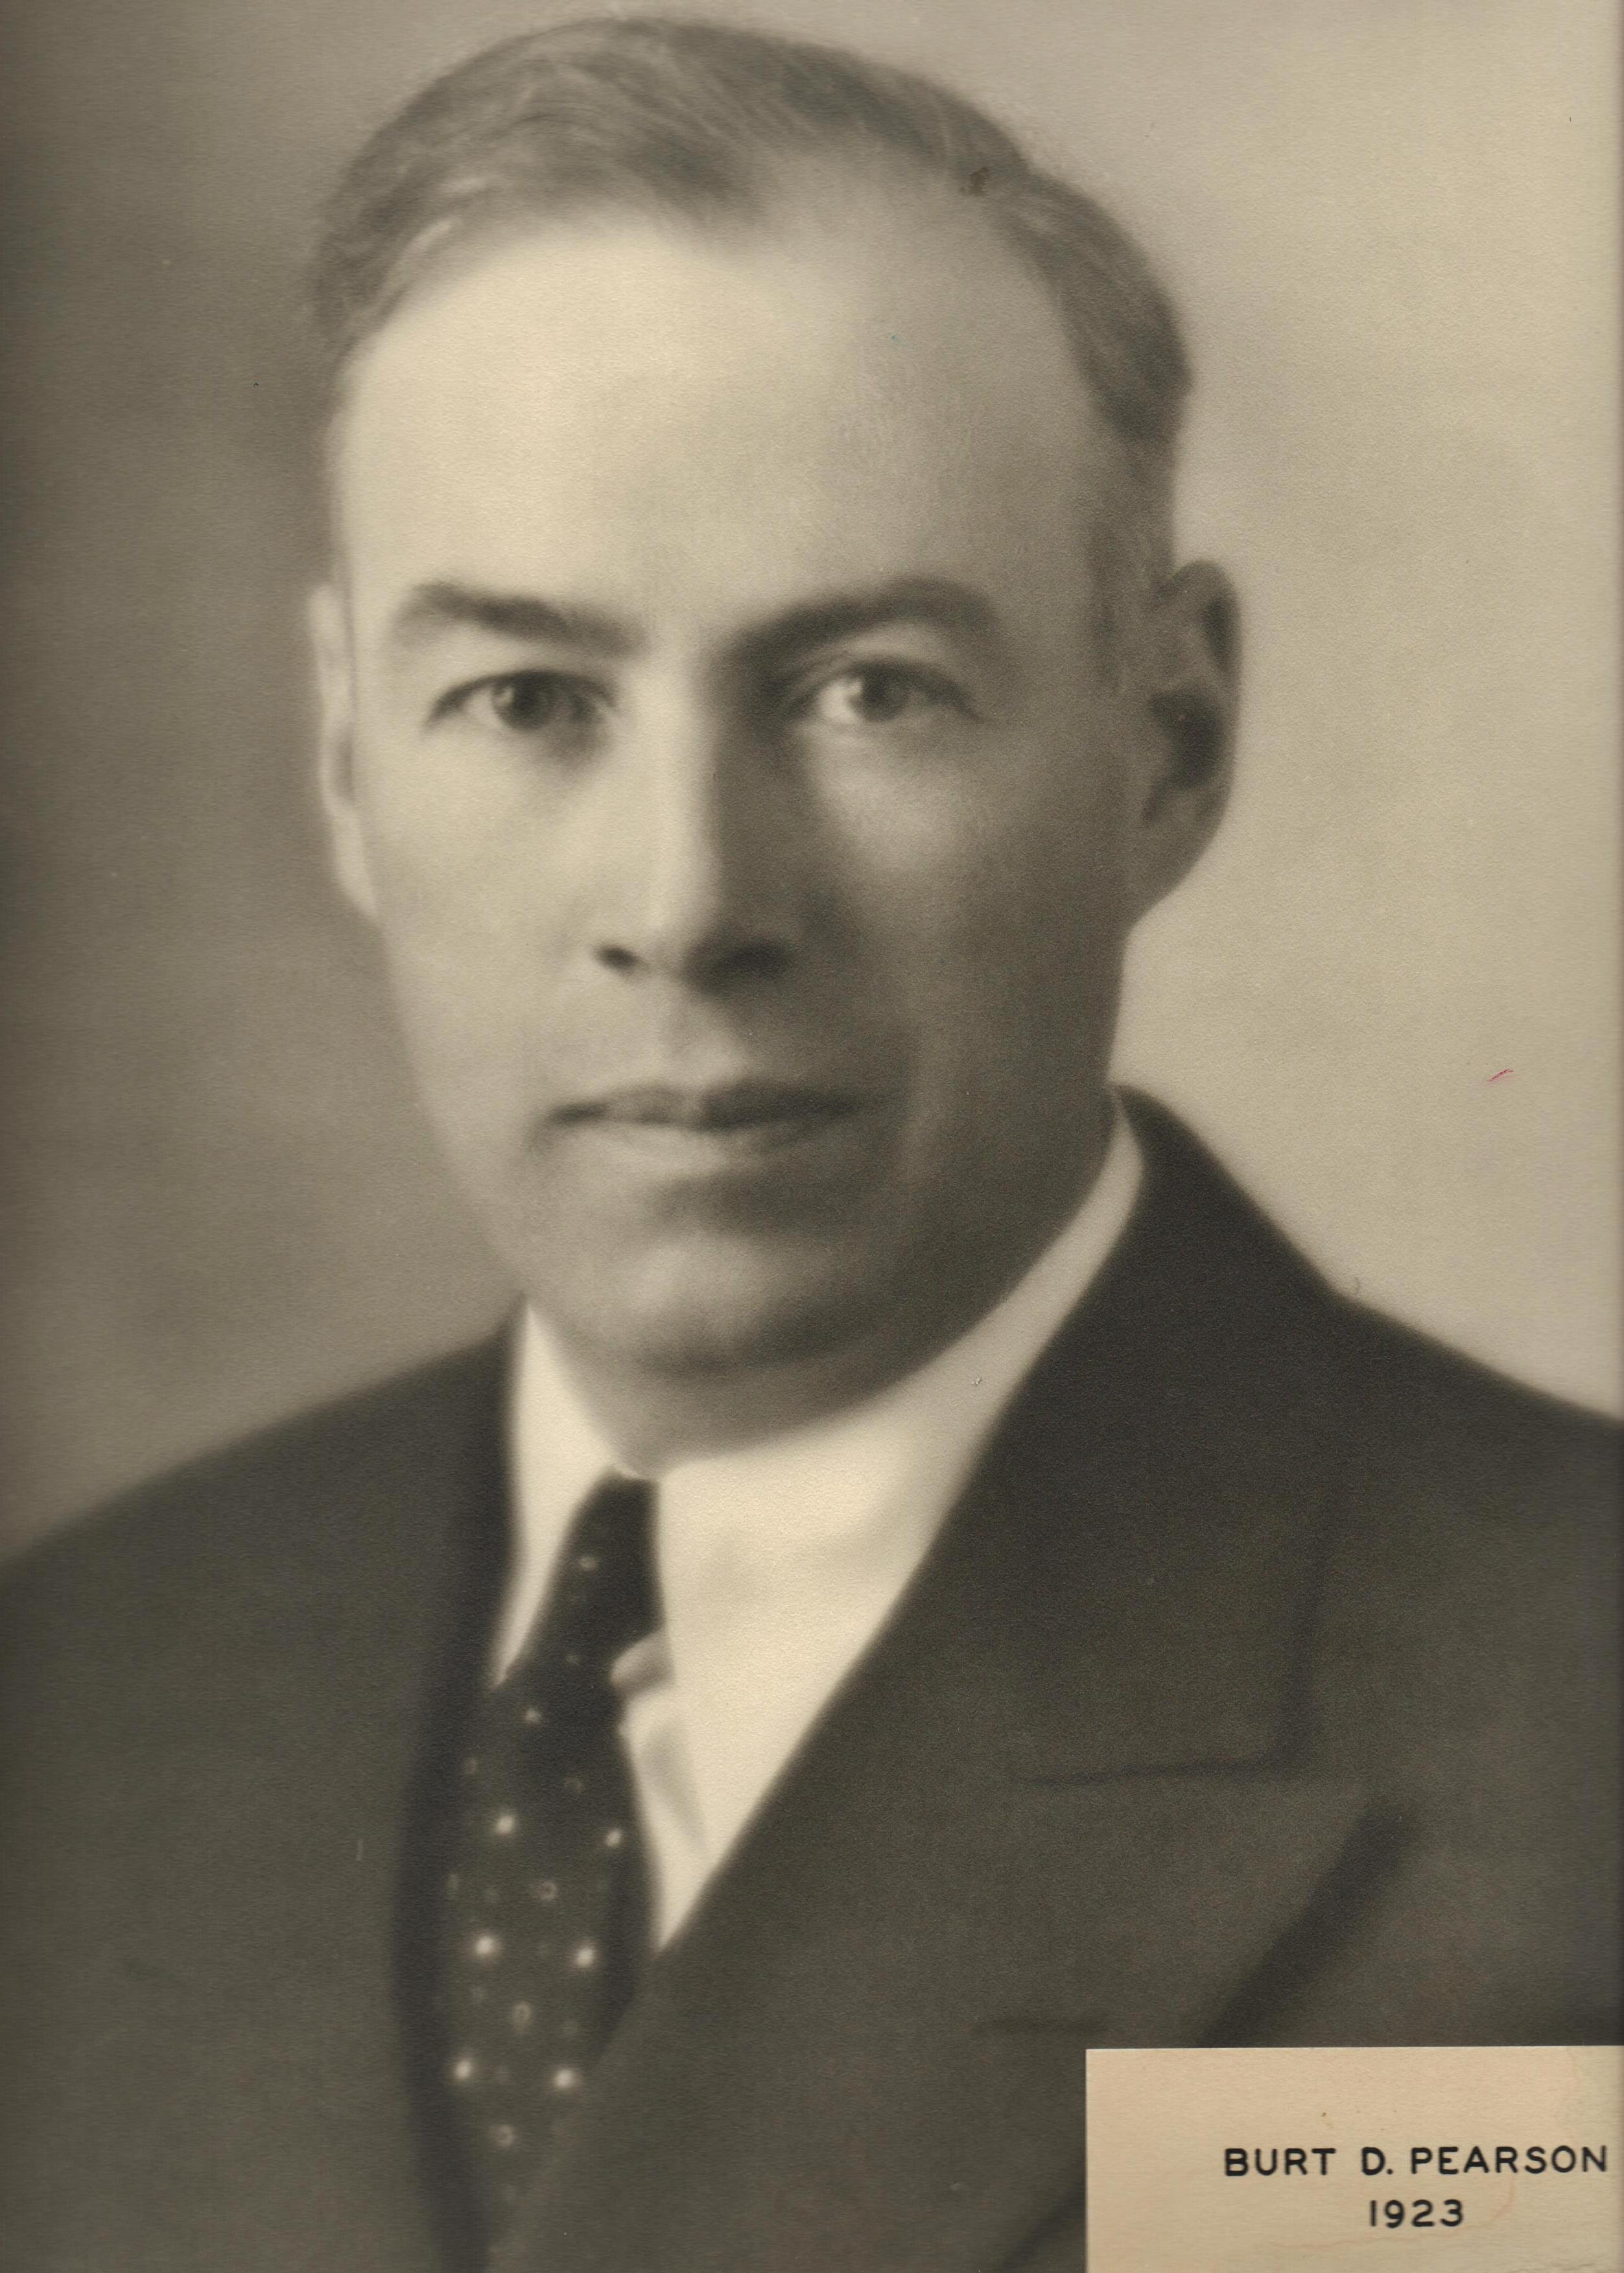 1923 Burt D. Pearson